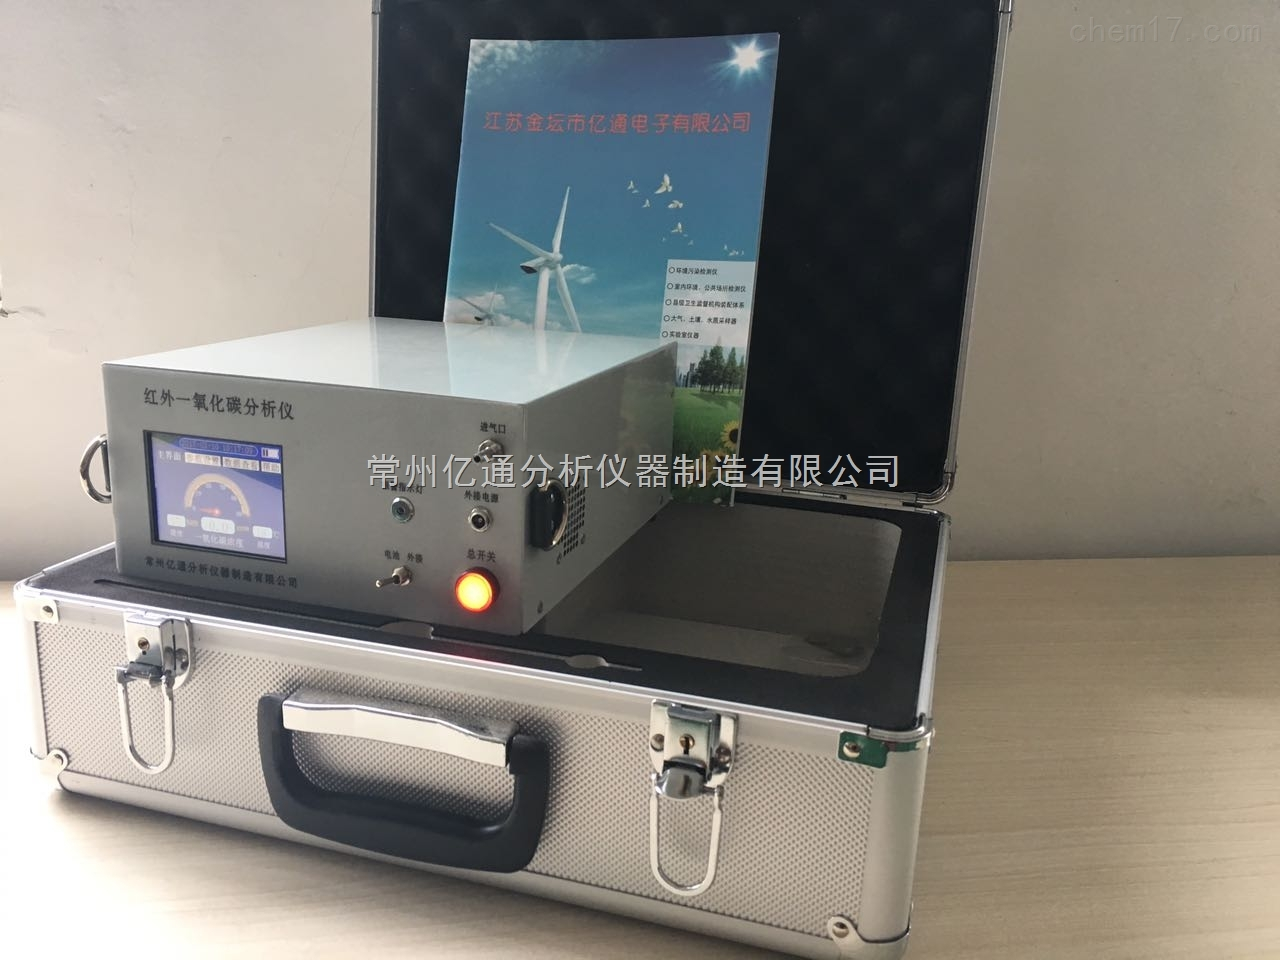 環境空氣監測儀器 環境空氣質量及廢氣監測智能紅外一氧化碳分析儀